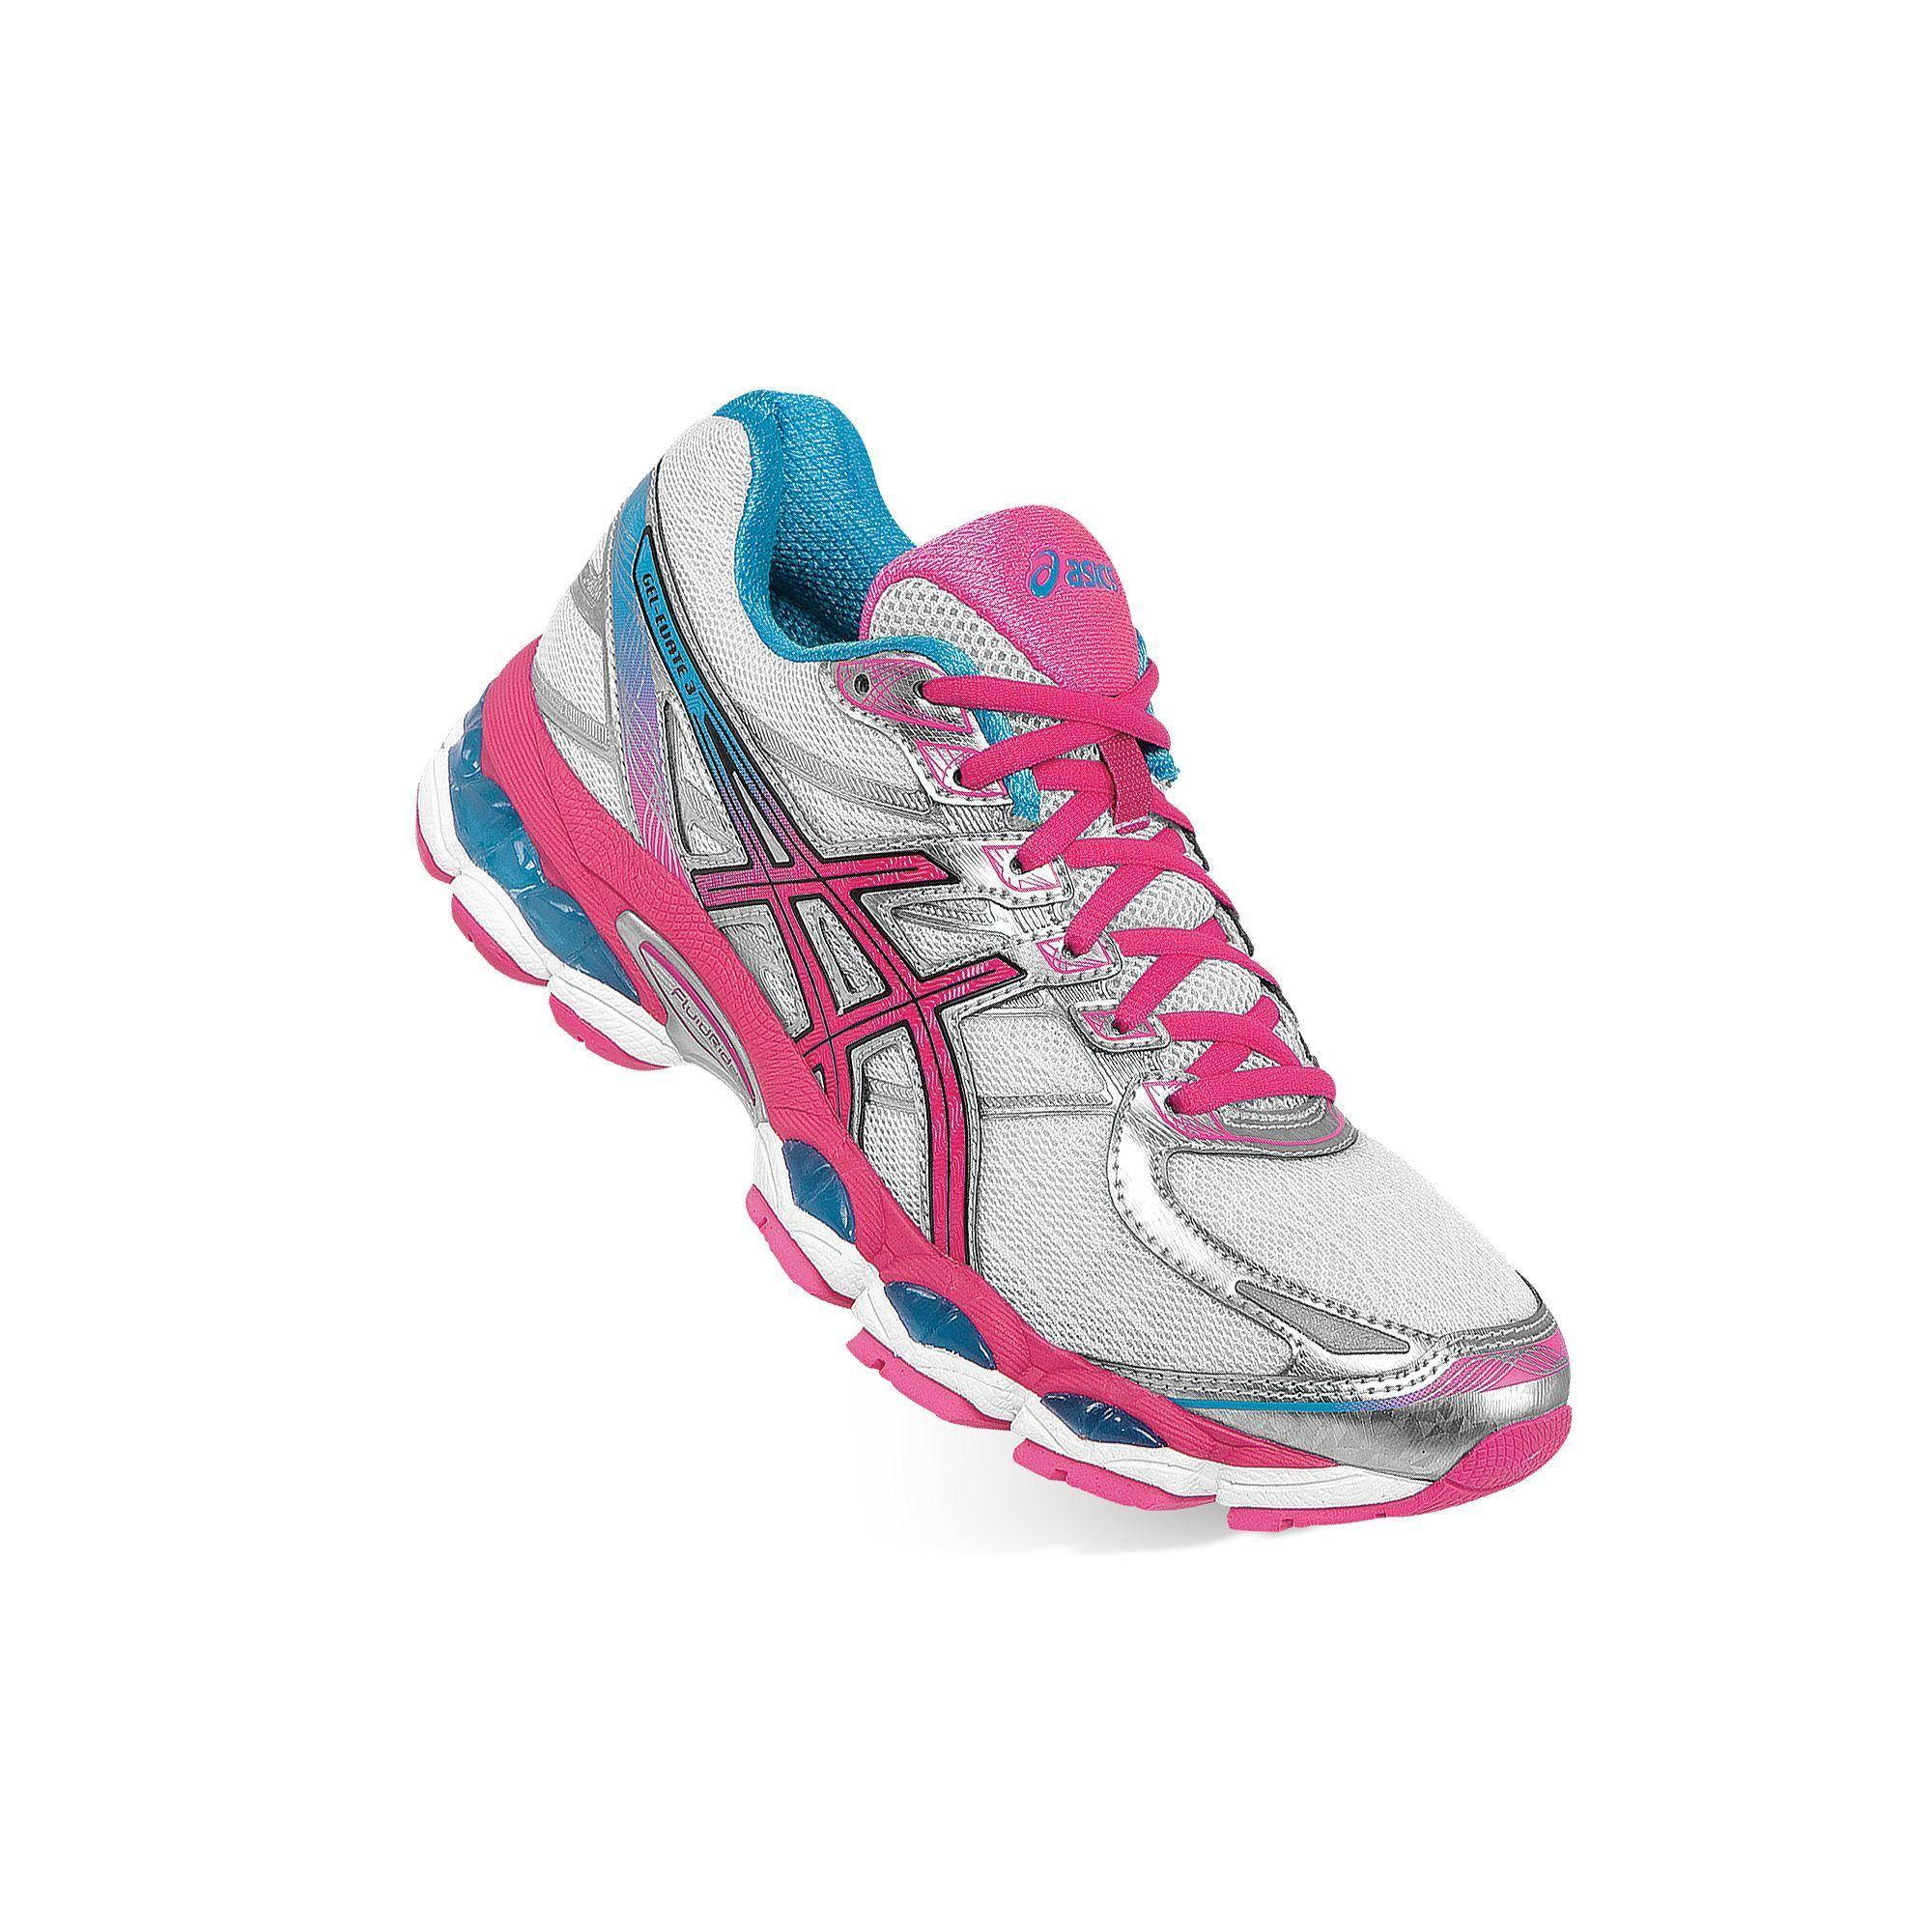 ASICS GEL Evate 3 Women's Running Shoes